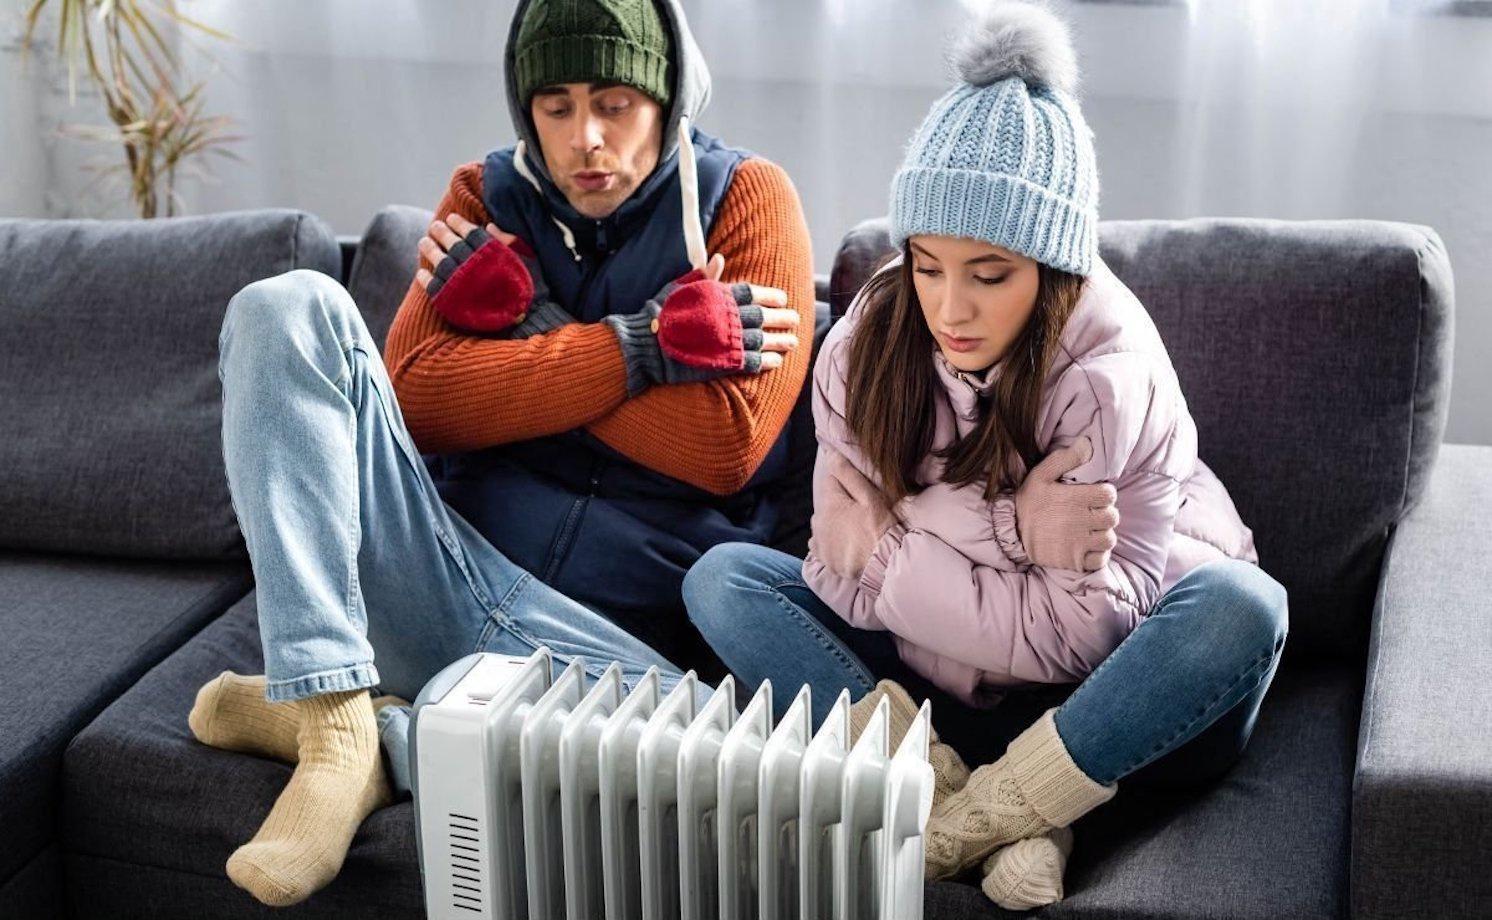 Температура батарей отопления: как подать в суд за холод в квартире?. 11/2020. Фото 2